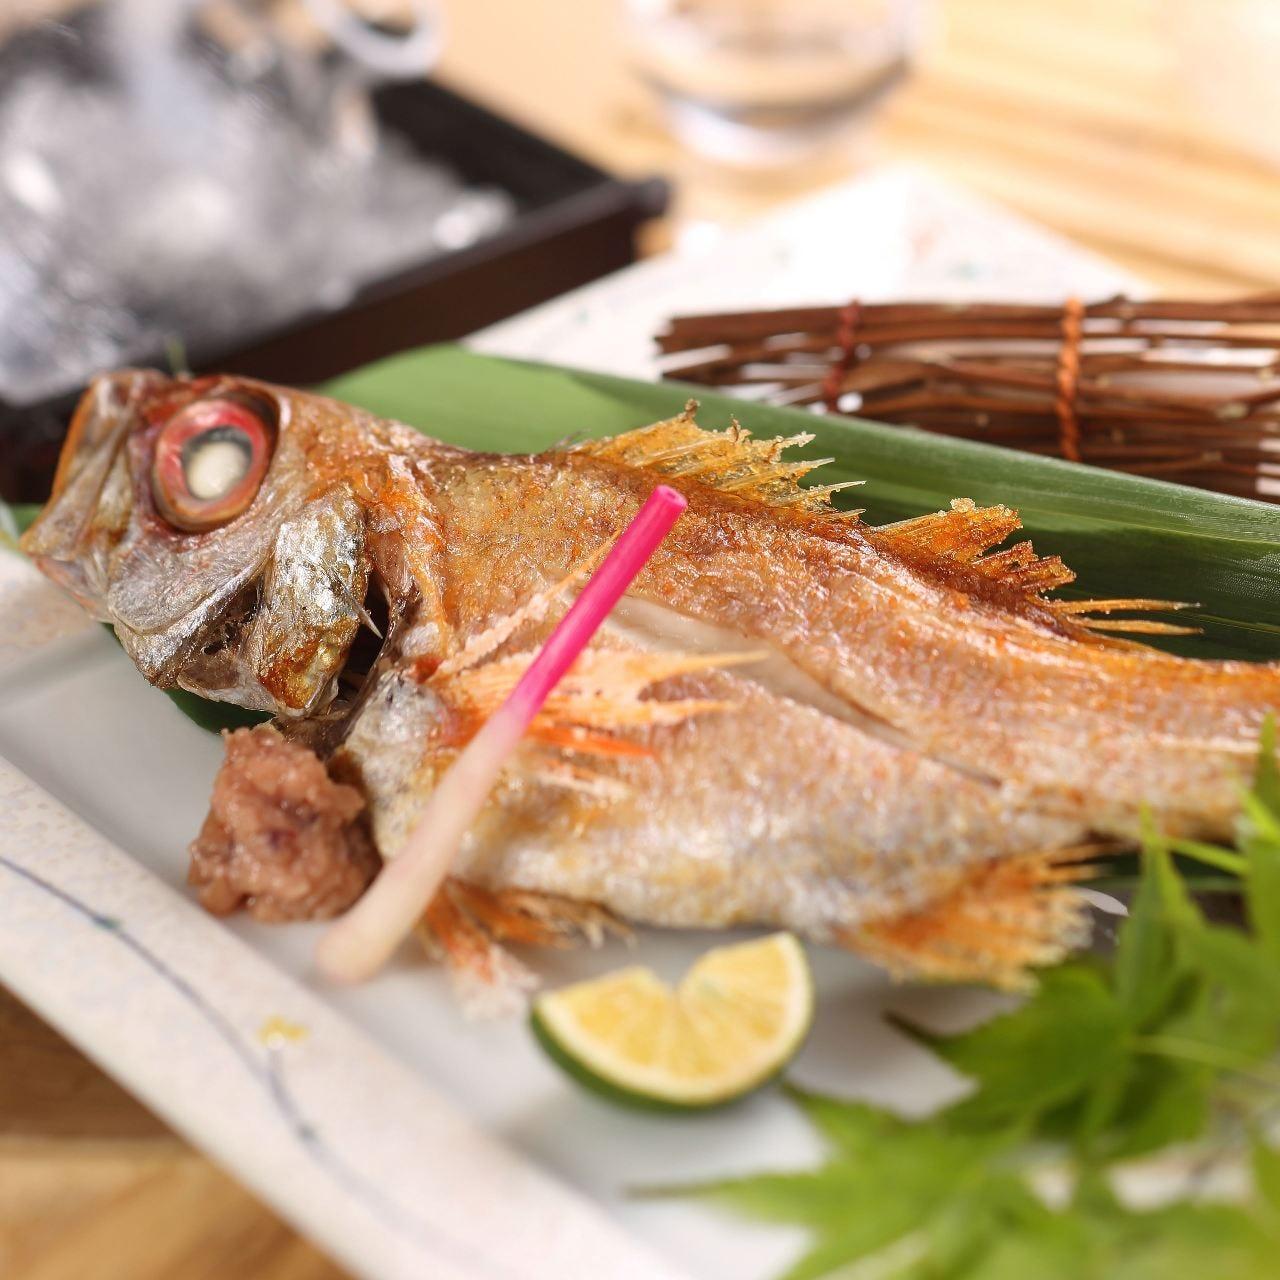 【山陰の味覚 ~隠岐の島・境港直送~】のどぐろ含む山陰の鮮魚を味わえる6品『旬鮮コース』4,500円